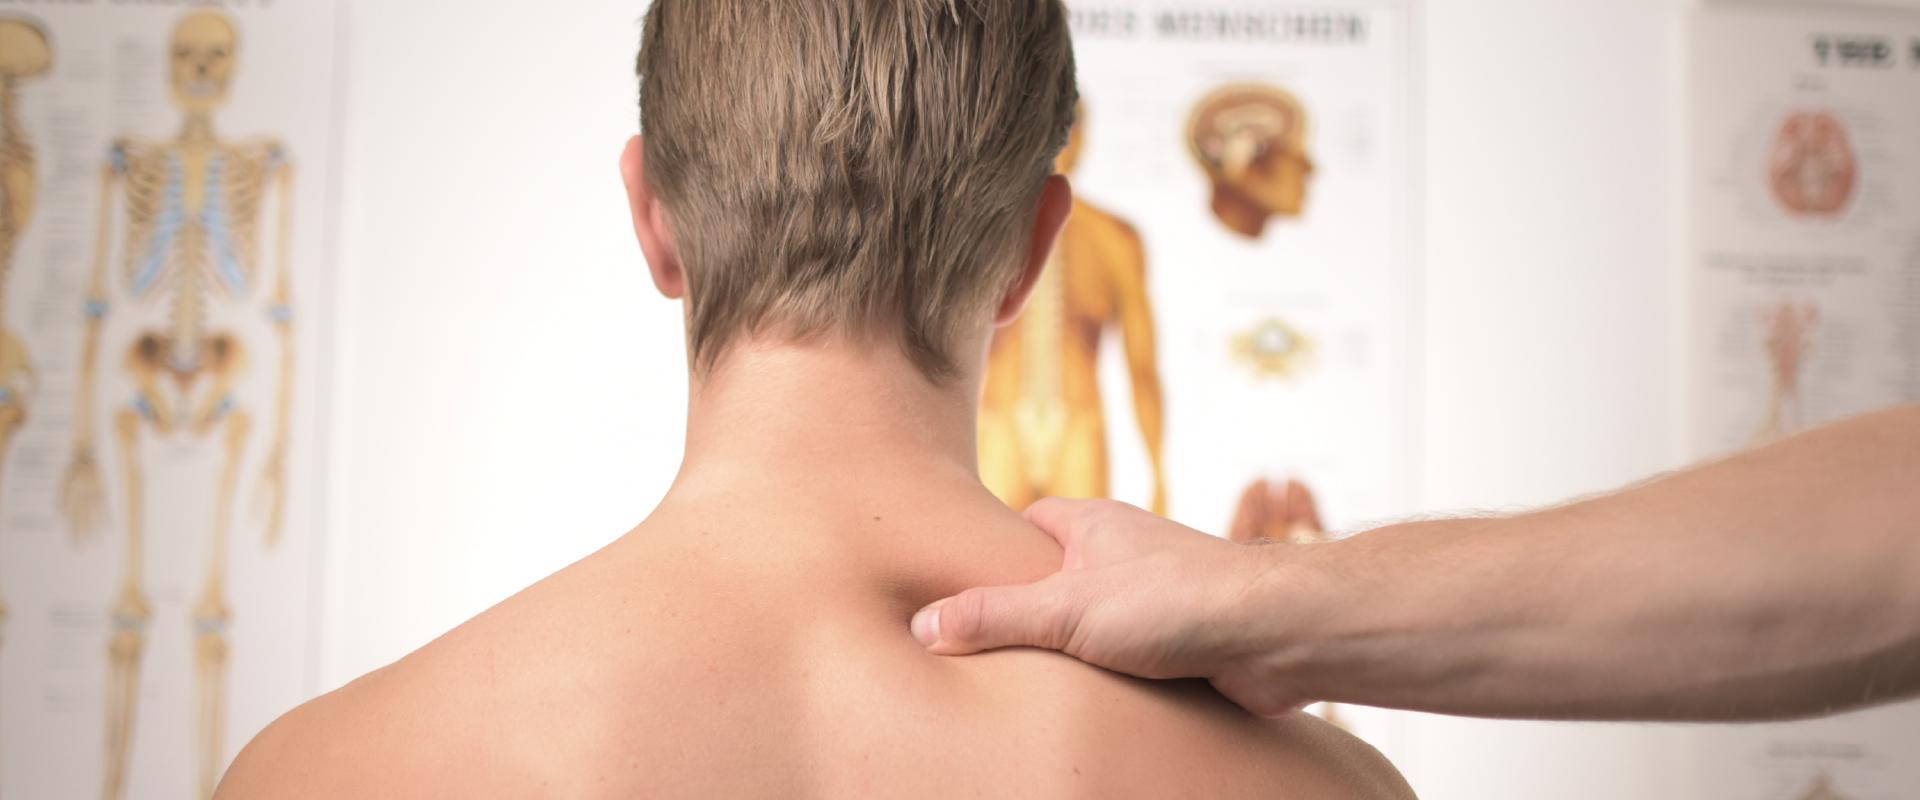 Effective Pain Relief